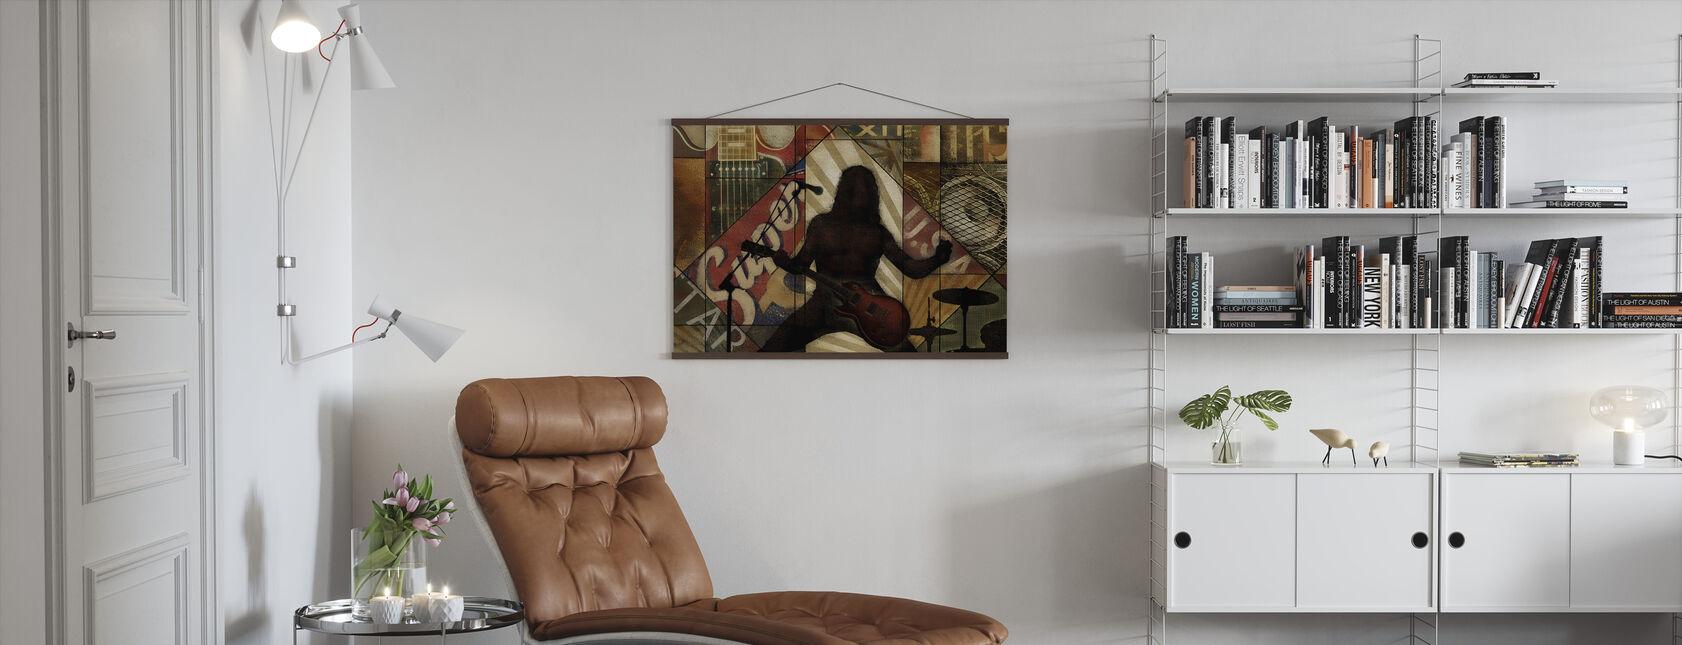 Superstar Rocker - Poster - Living Room